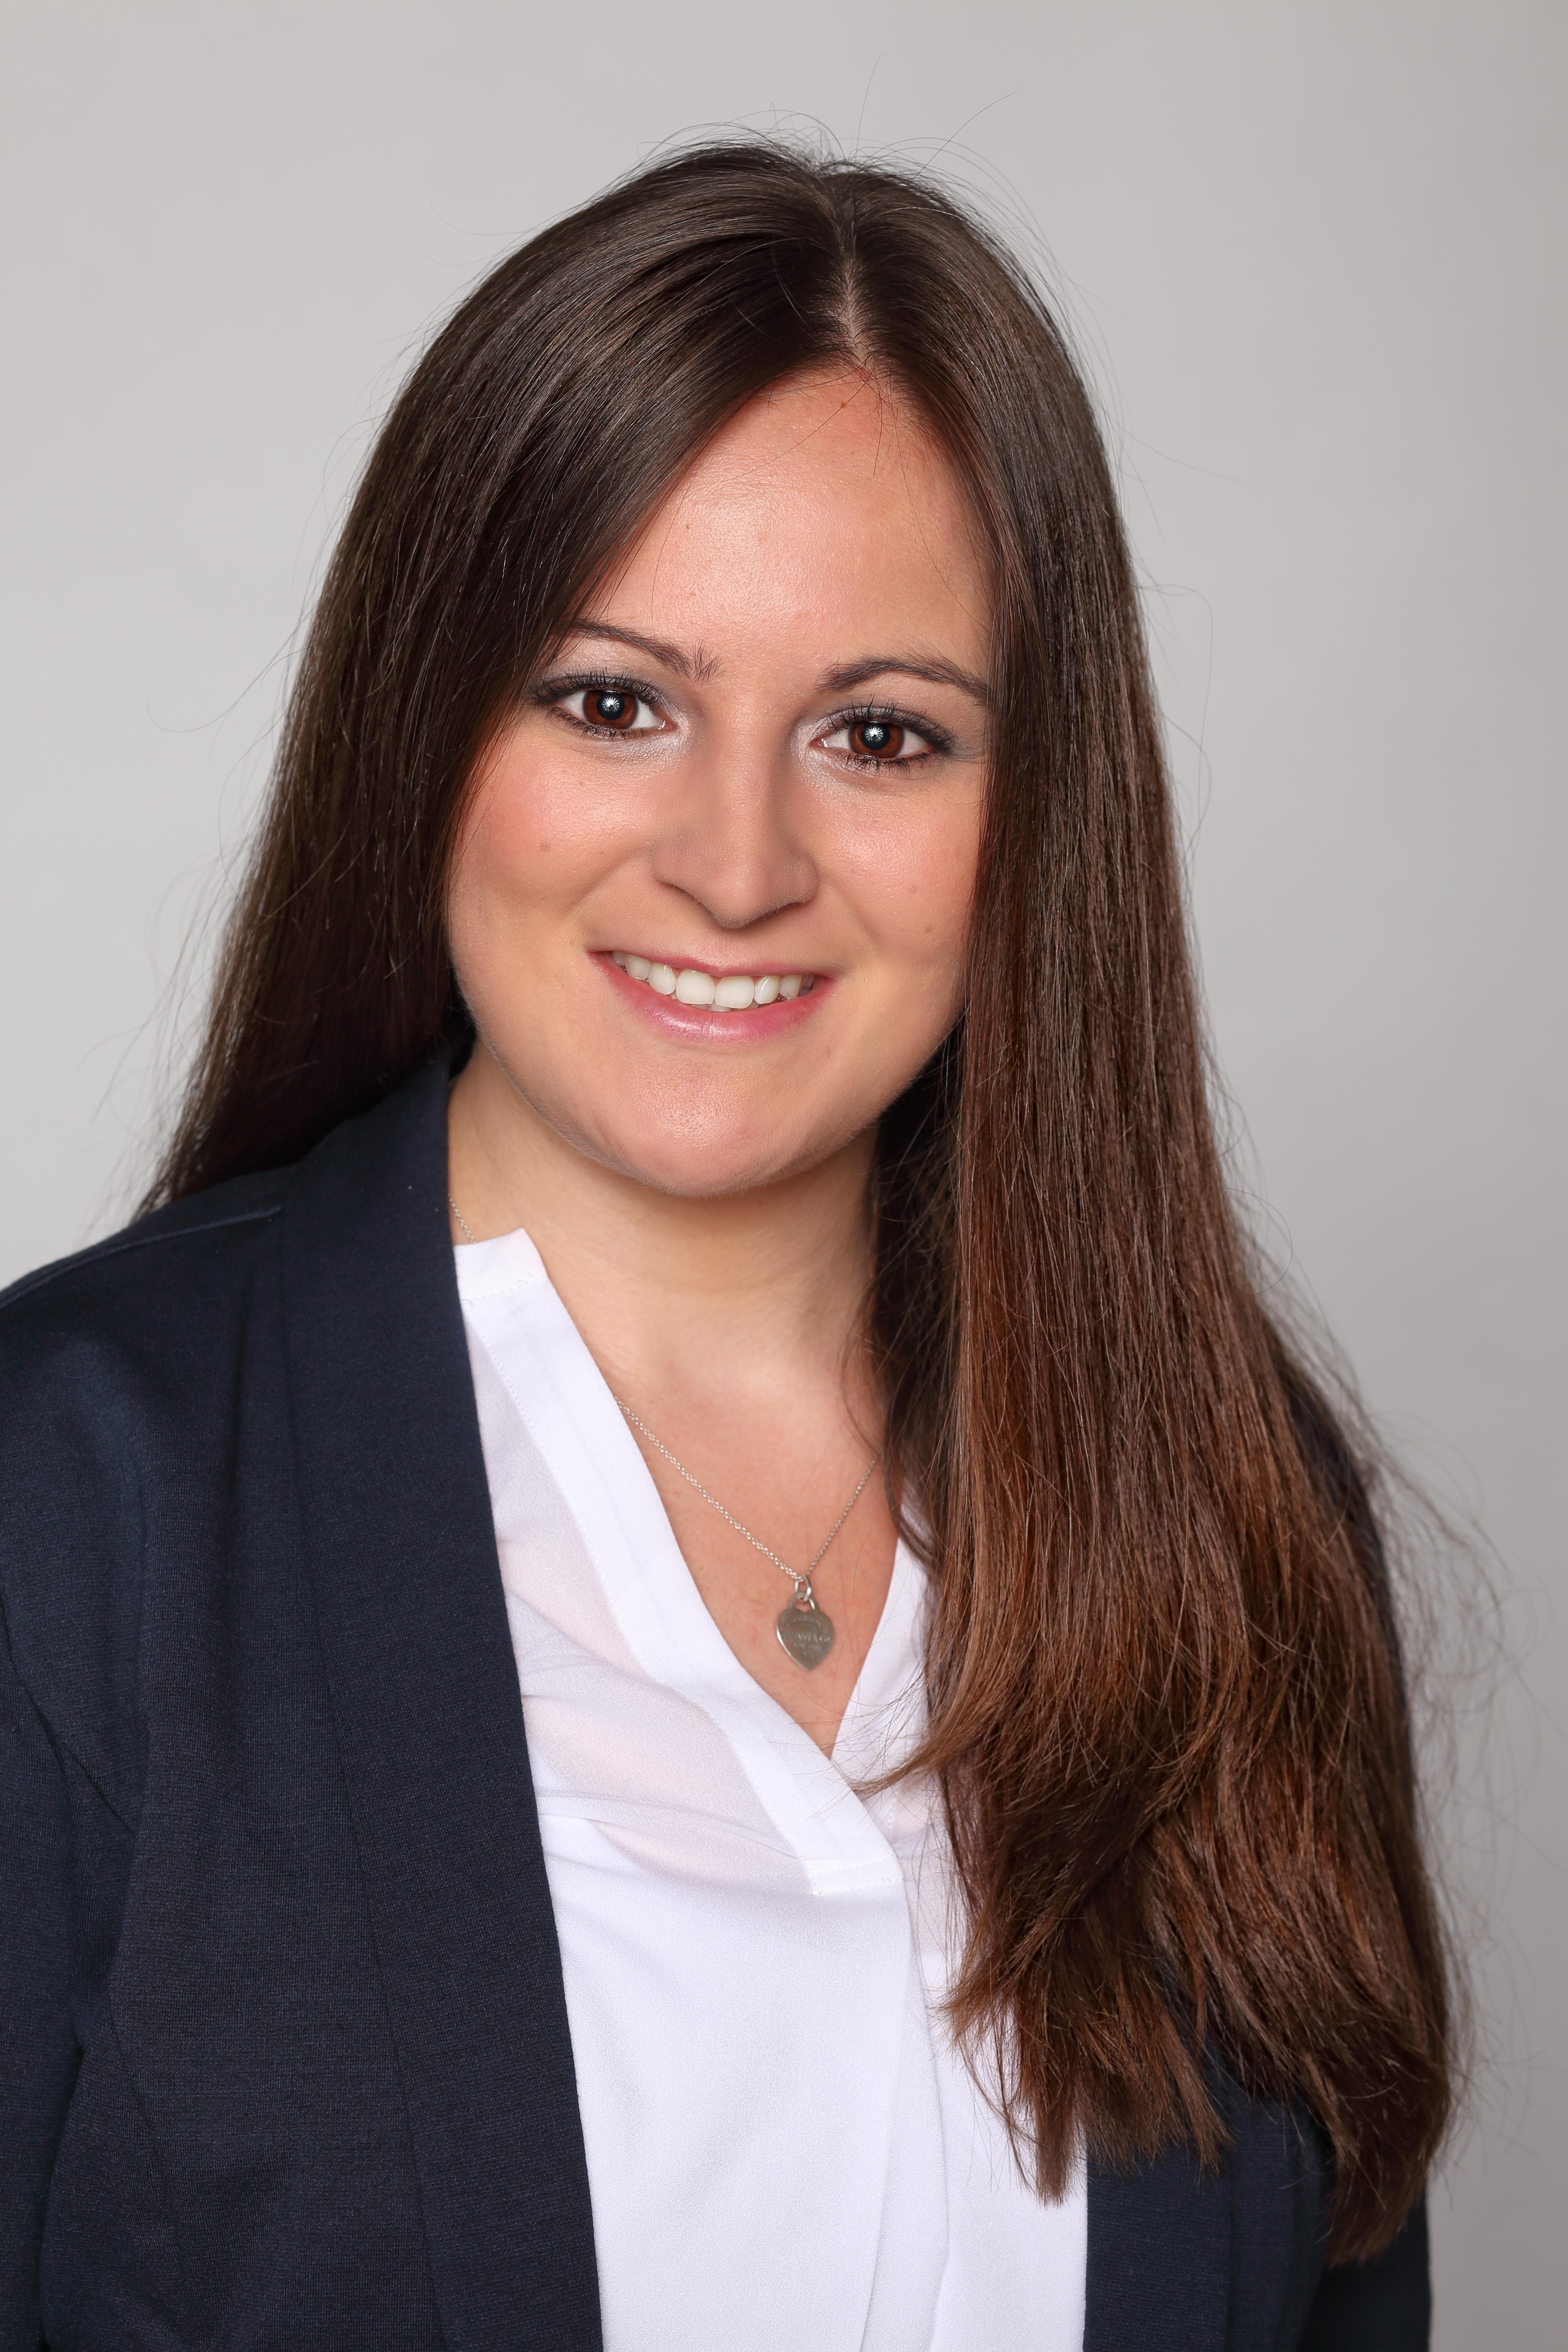 Portrait of Alina Schellenberg